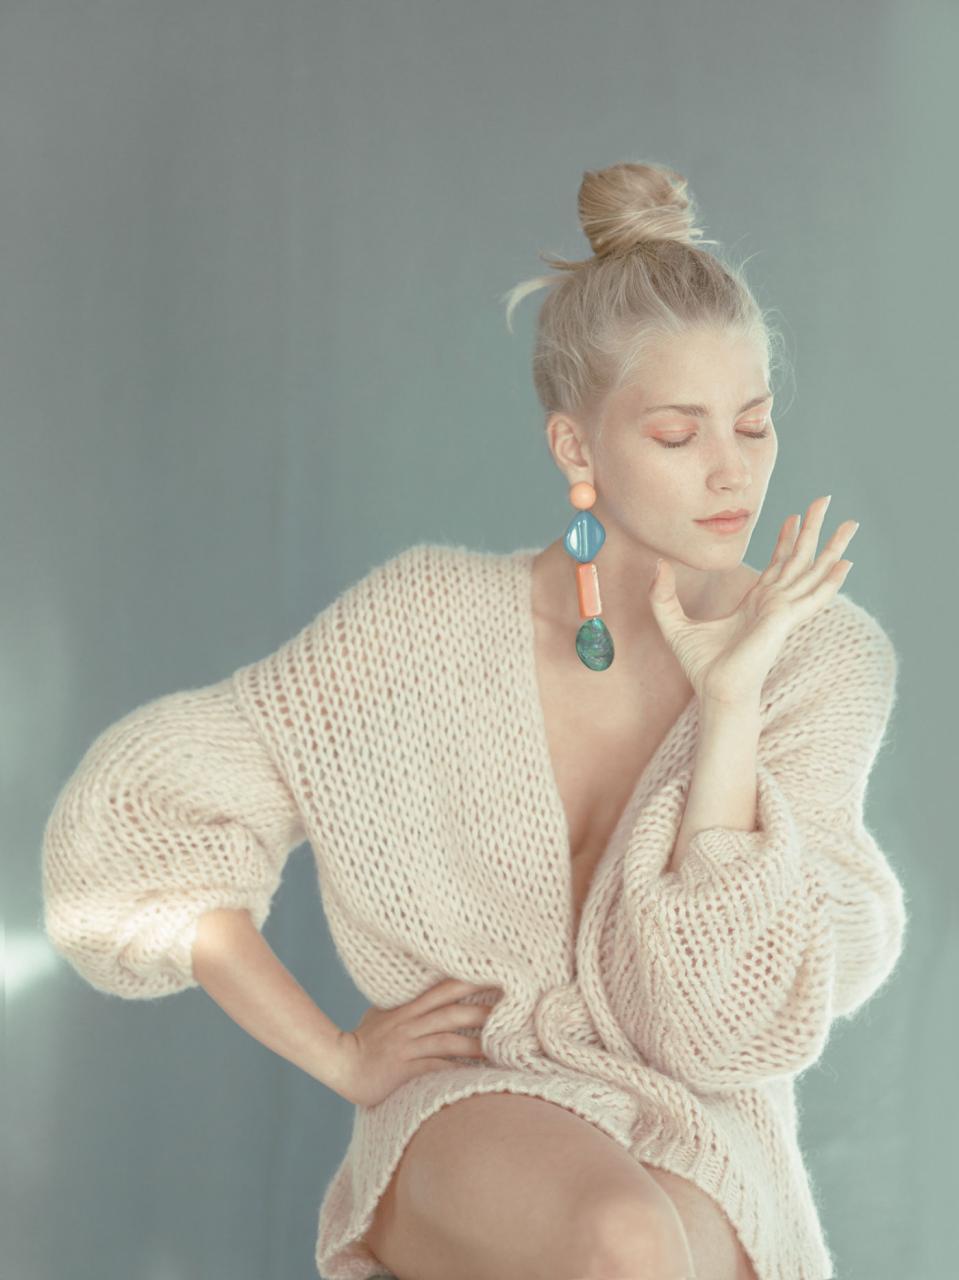 俄罗斯摄影师Elena Iv-skaya 人像摄影作品 审美灵感 第7张